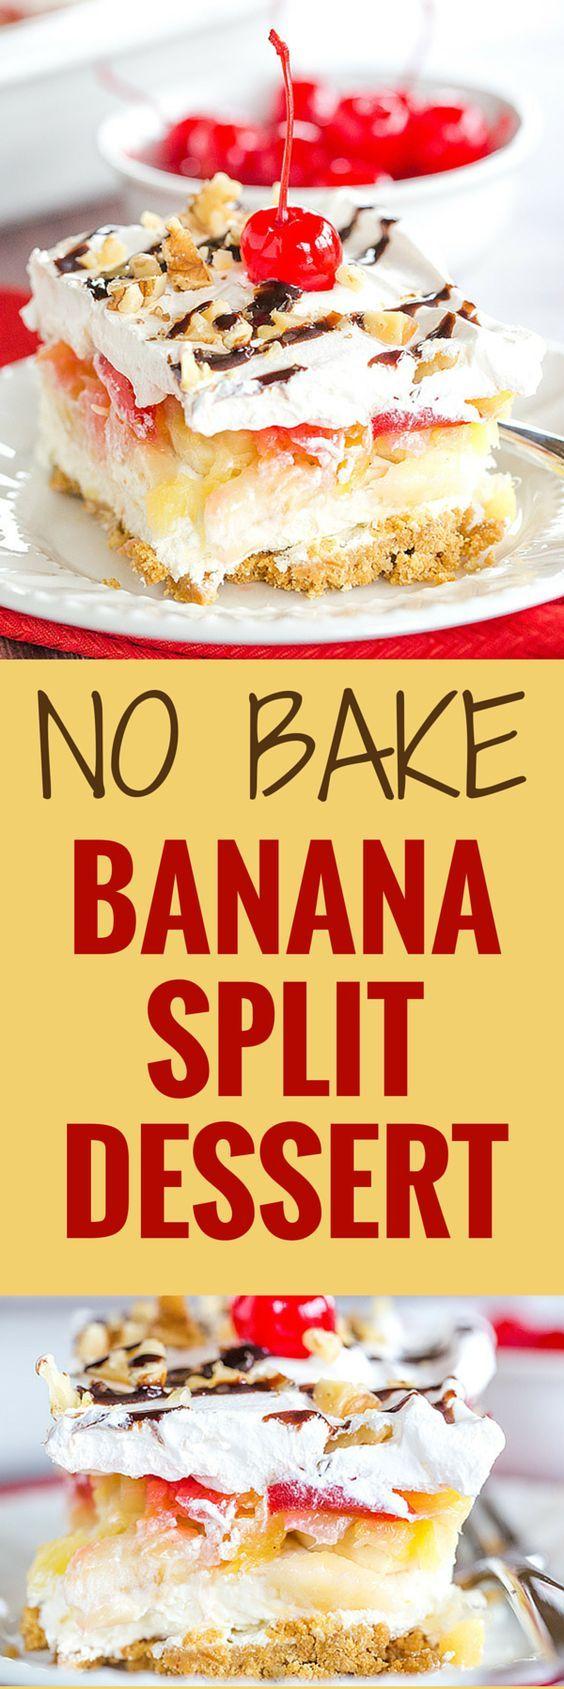 No-Bake Banana Split Dessert – Graham cracker crust cream cheese bananas pineapple strawberries whipped cream nuts chocolate and a cherry on top!